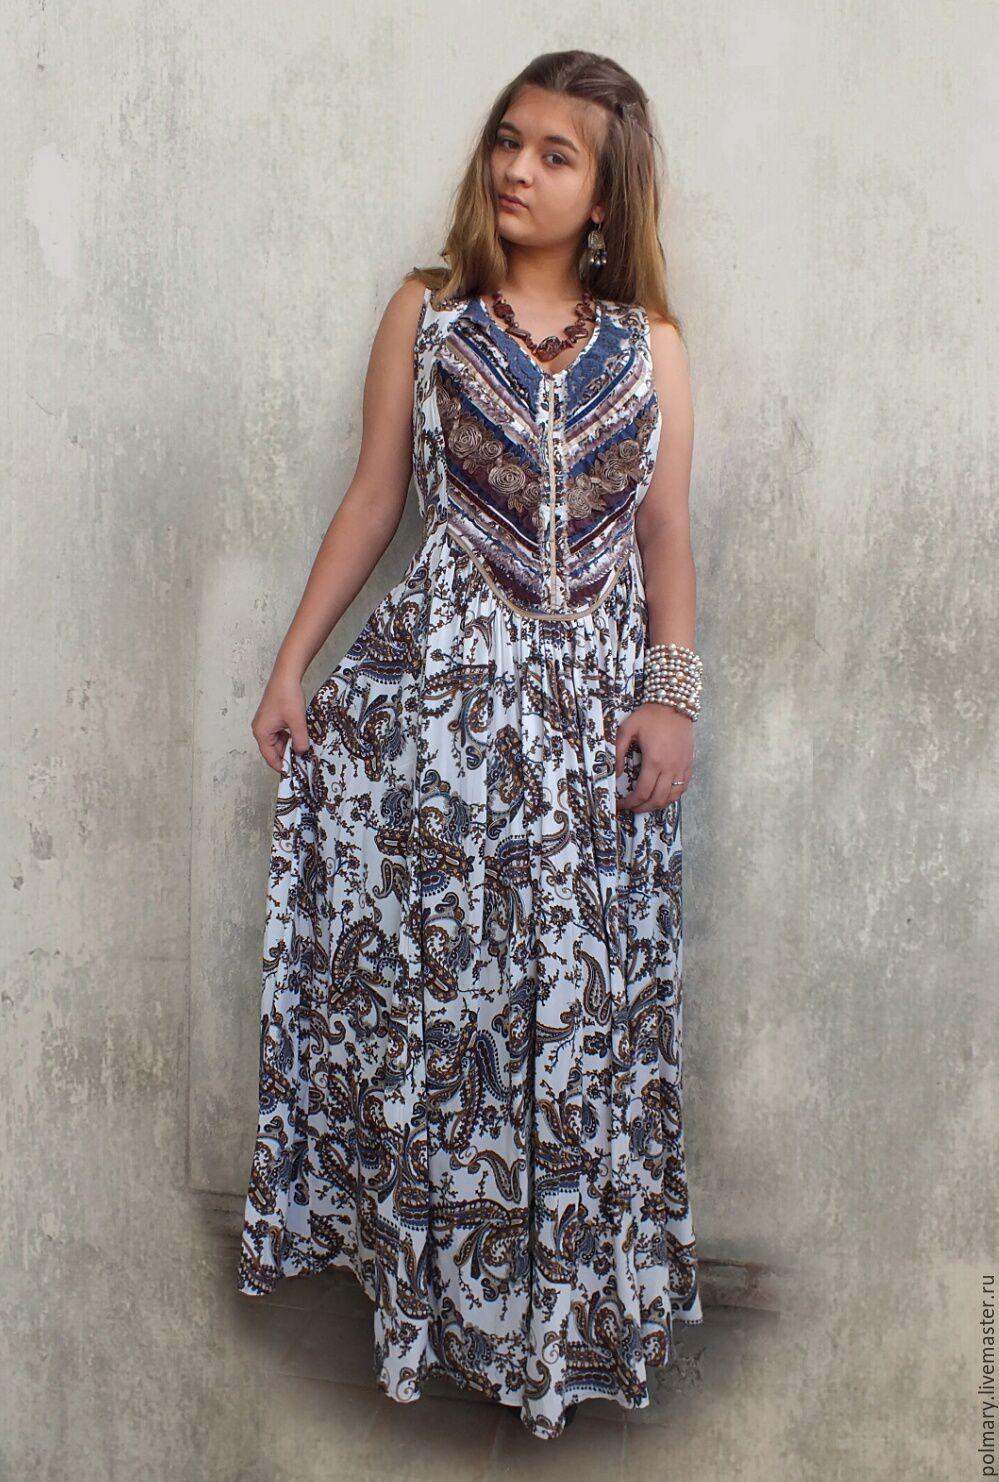 41f54e297f1 Boho-dress